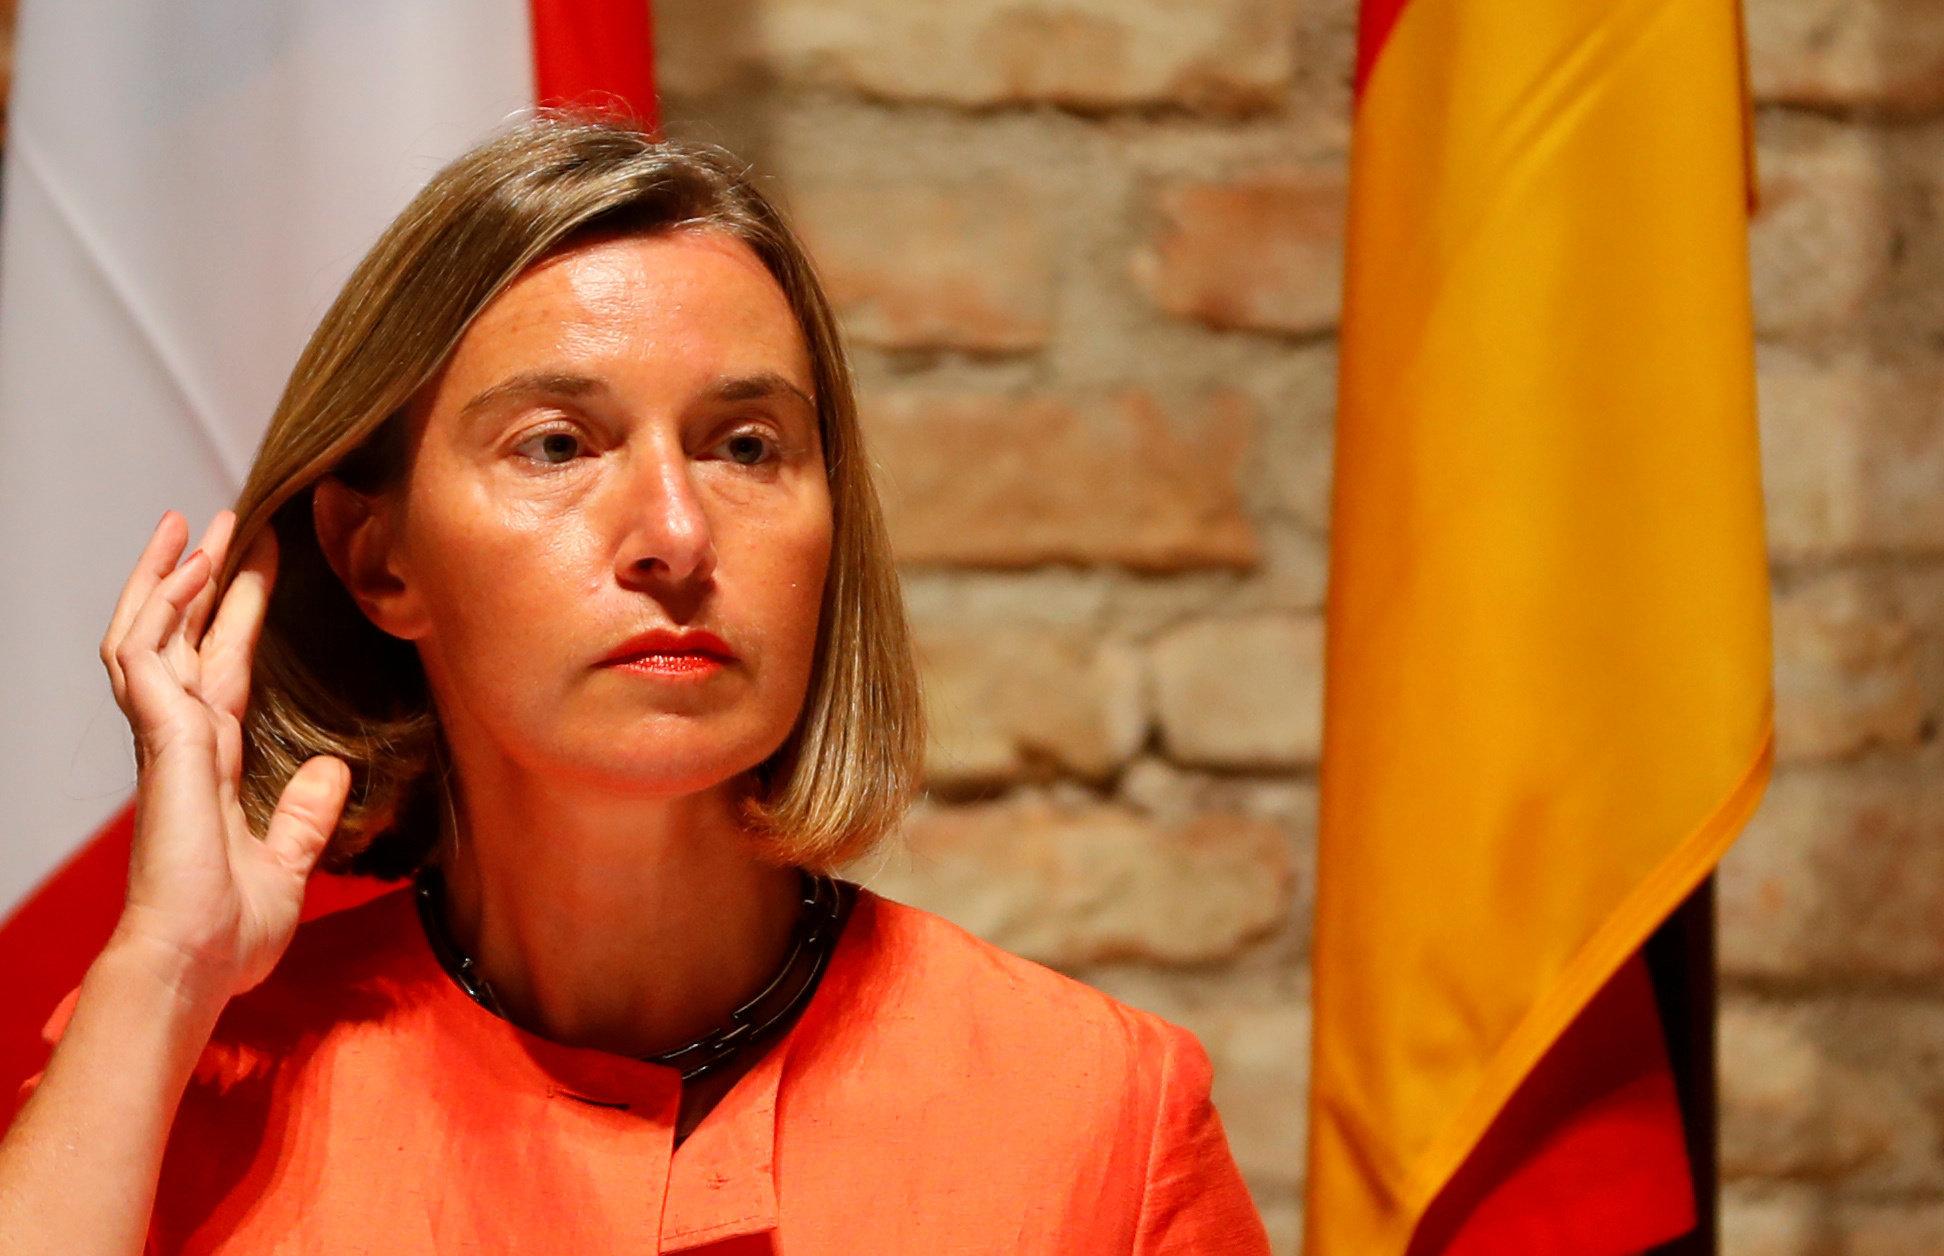 Η ΕΕ «λυπάται» για τις κυρώσεις των ΗΠΑ σε βάρος του Ιράν και θέτει σε ισχύ νομοθεσία για την προστασία των ευρωπαϊκών